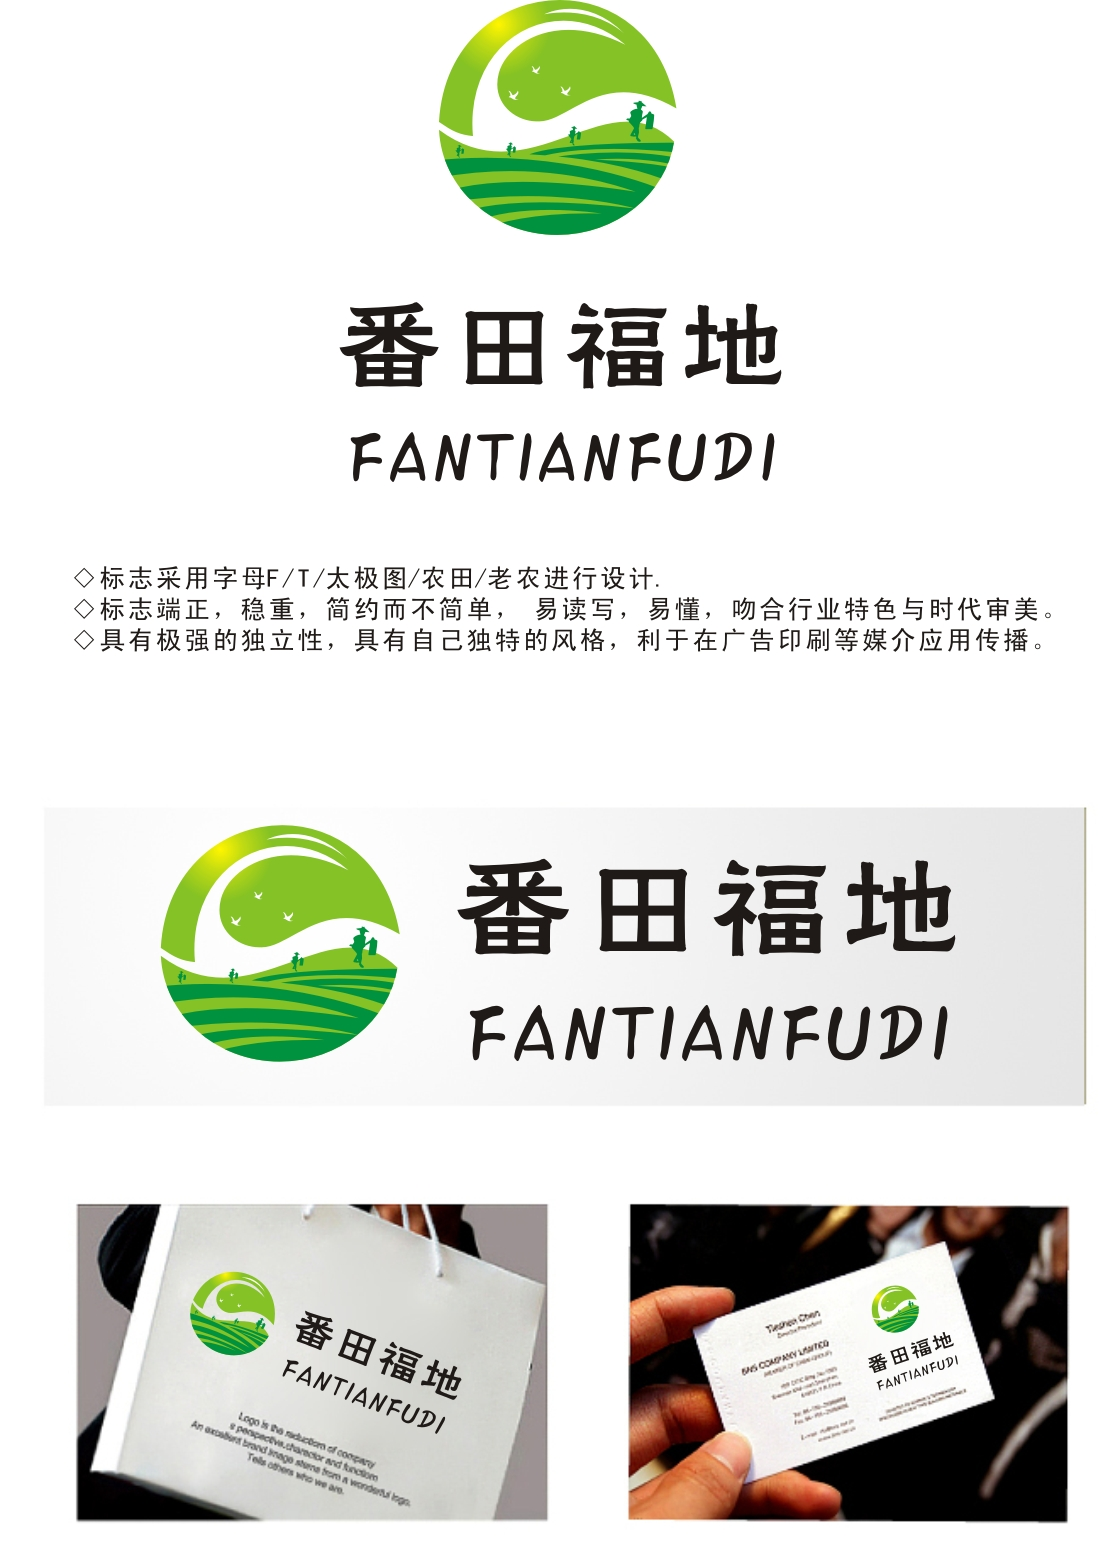 """铁棍山药商标""""番田福地""""logo设计_2959272_k68威客网"""